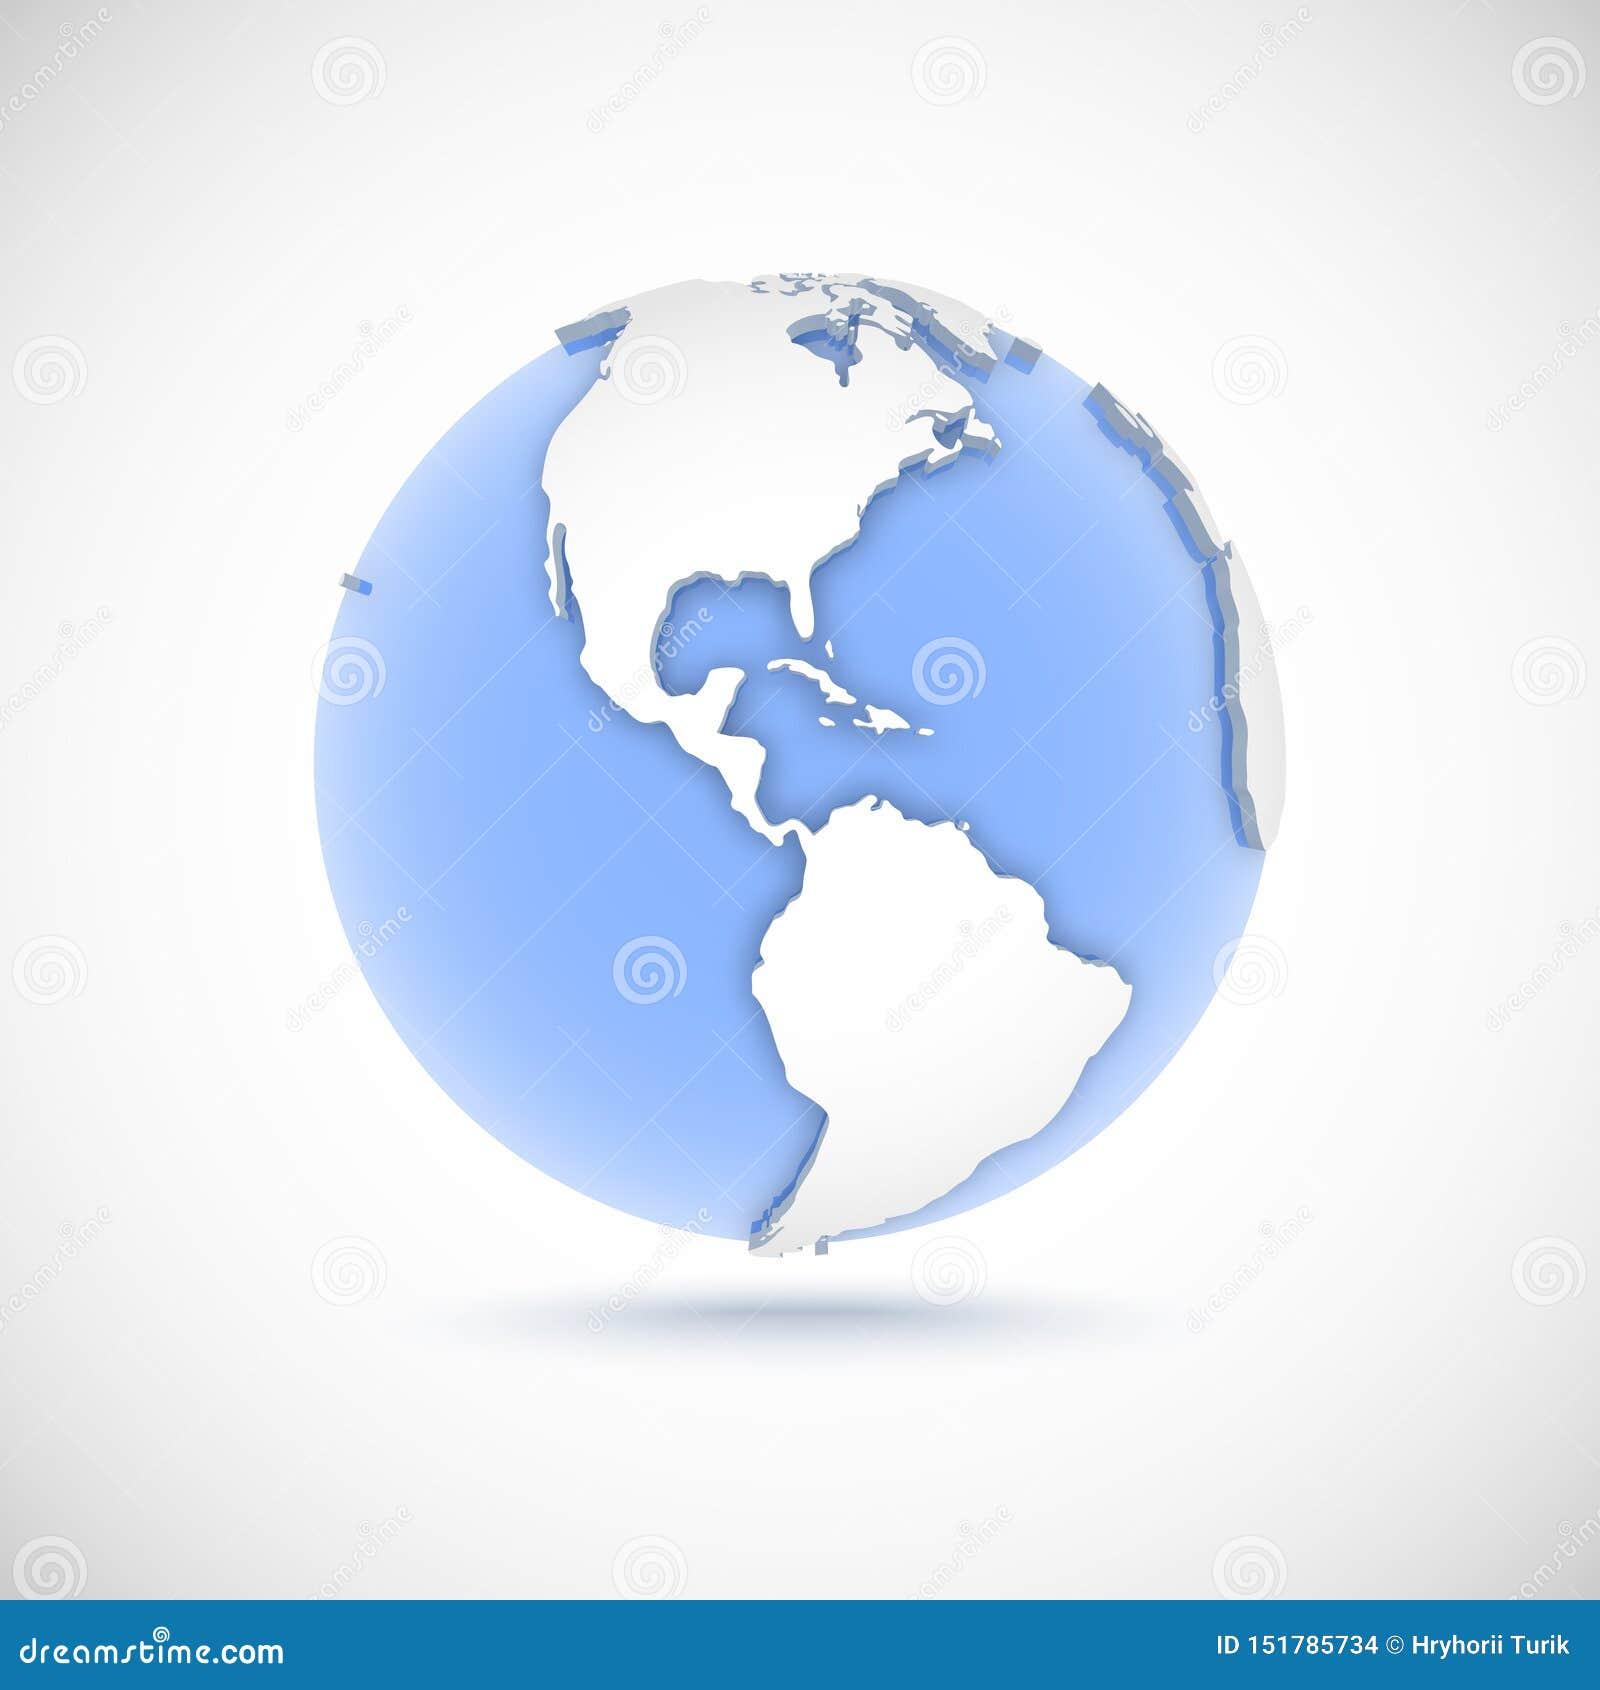 Globo volumétrico en los colores blancos y azules ejemplo del vector 3d con los continentes América, América, del norte, del sur